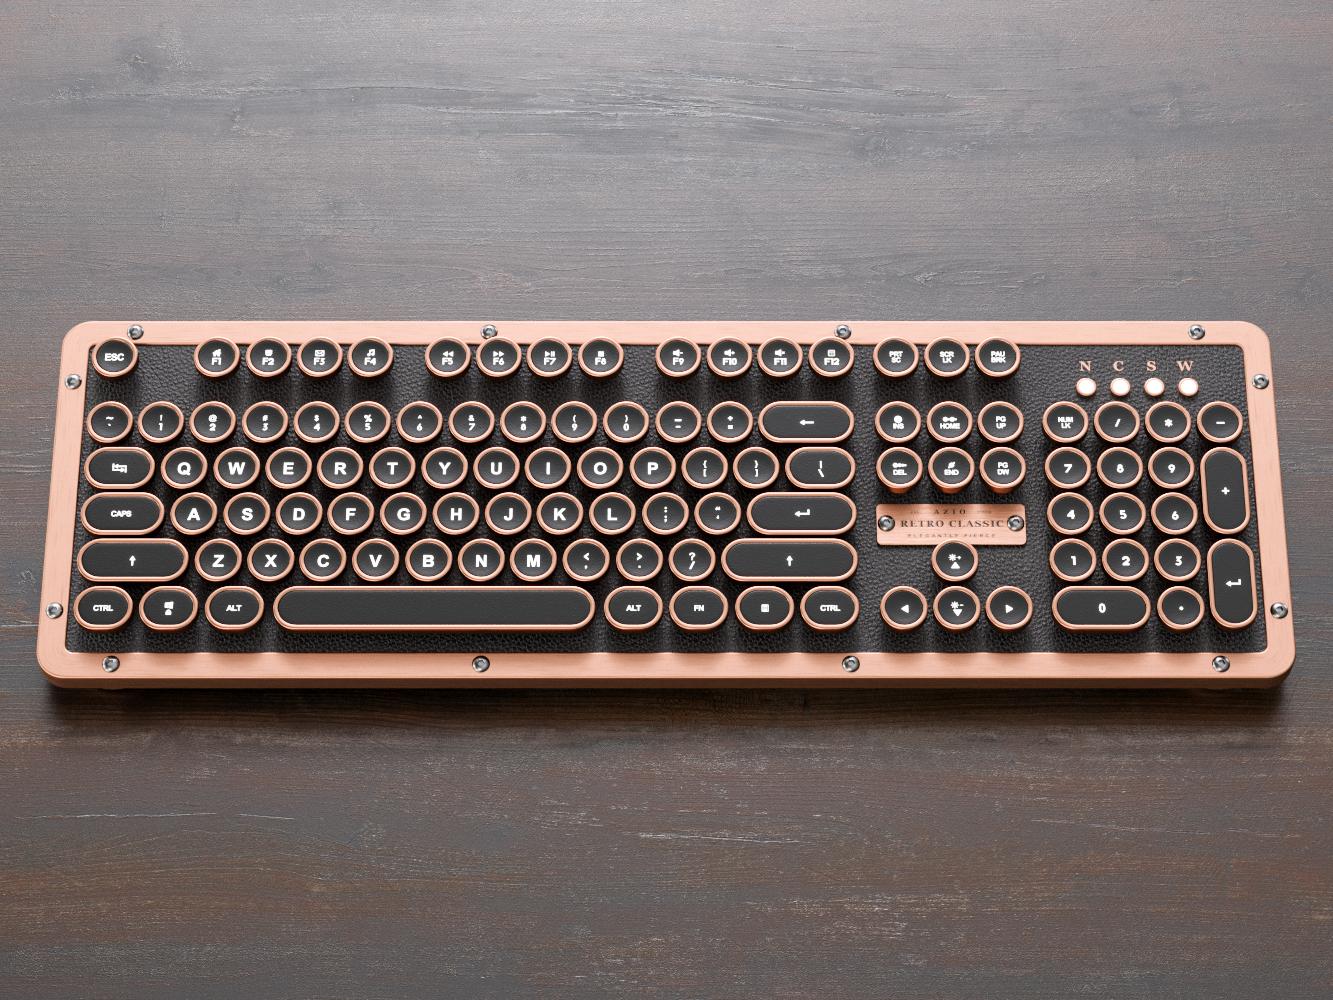 Azio Retro Classic Computer Keyboard